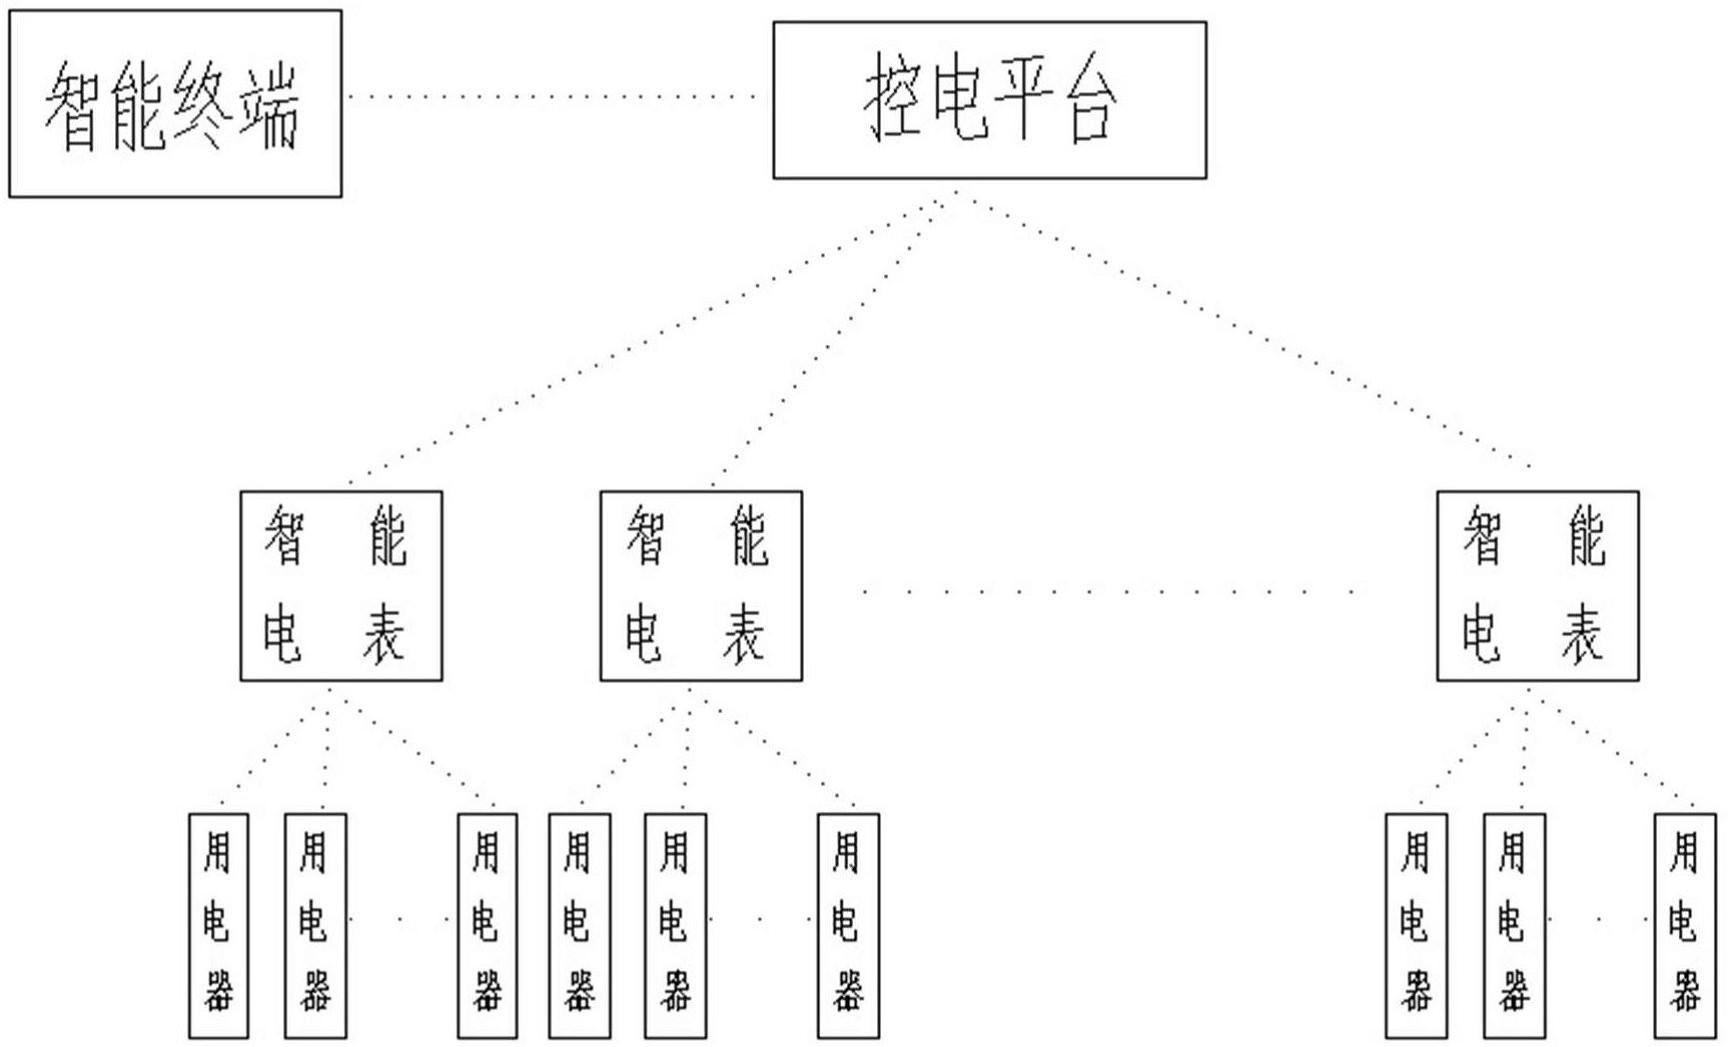 【仪表新专利】智能电表系统